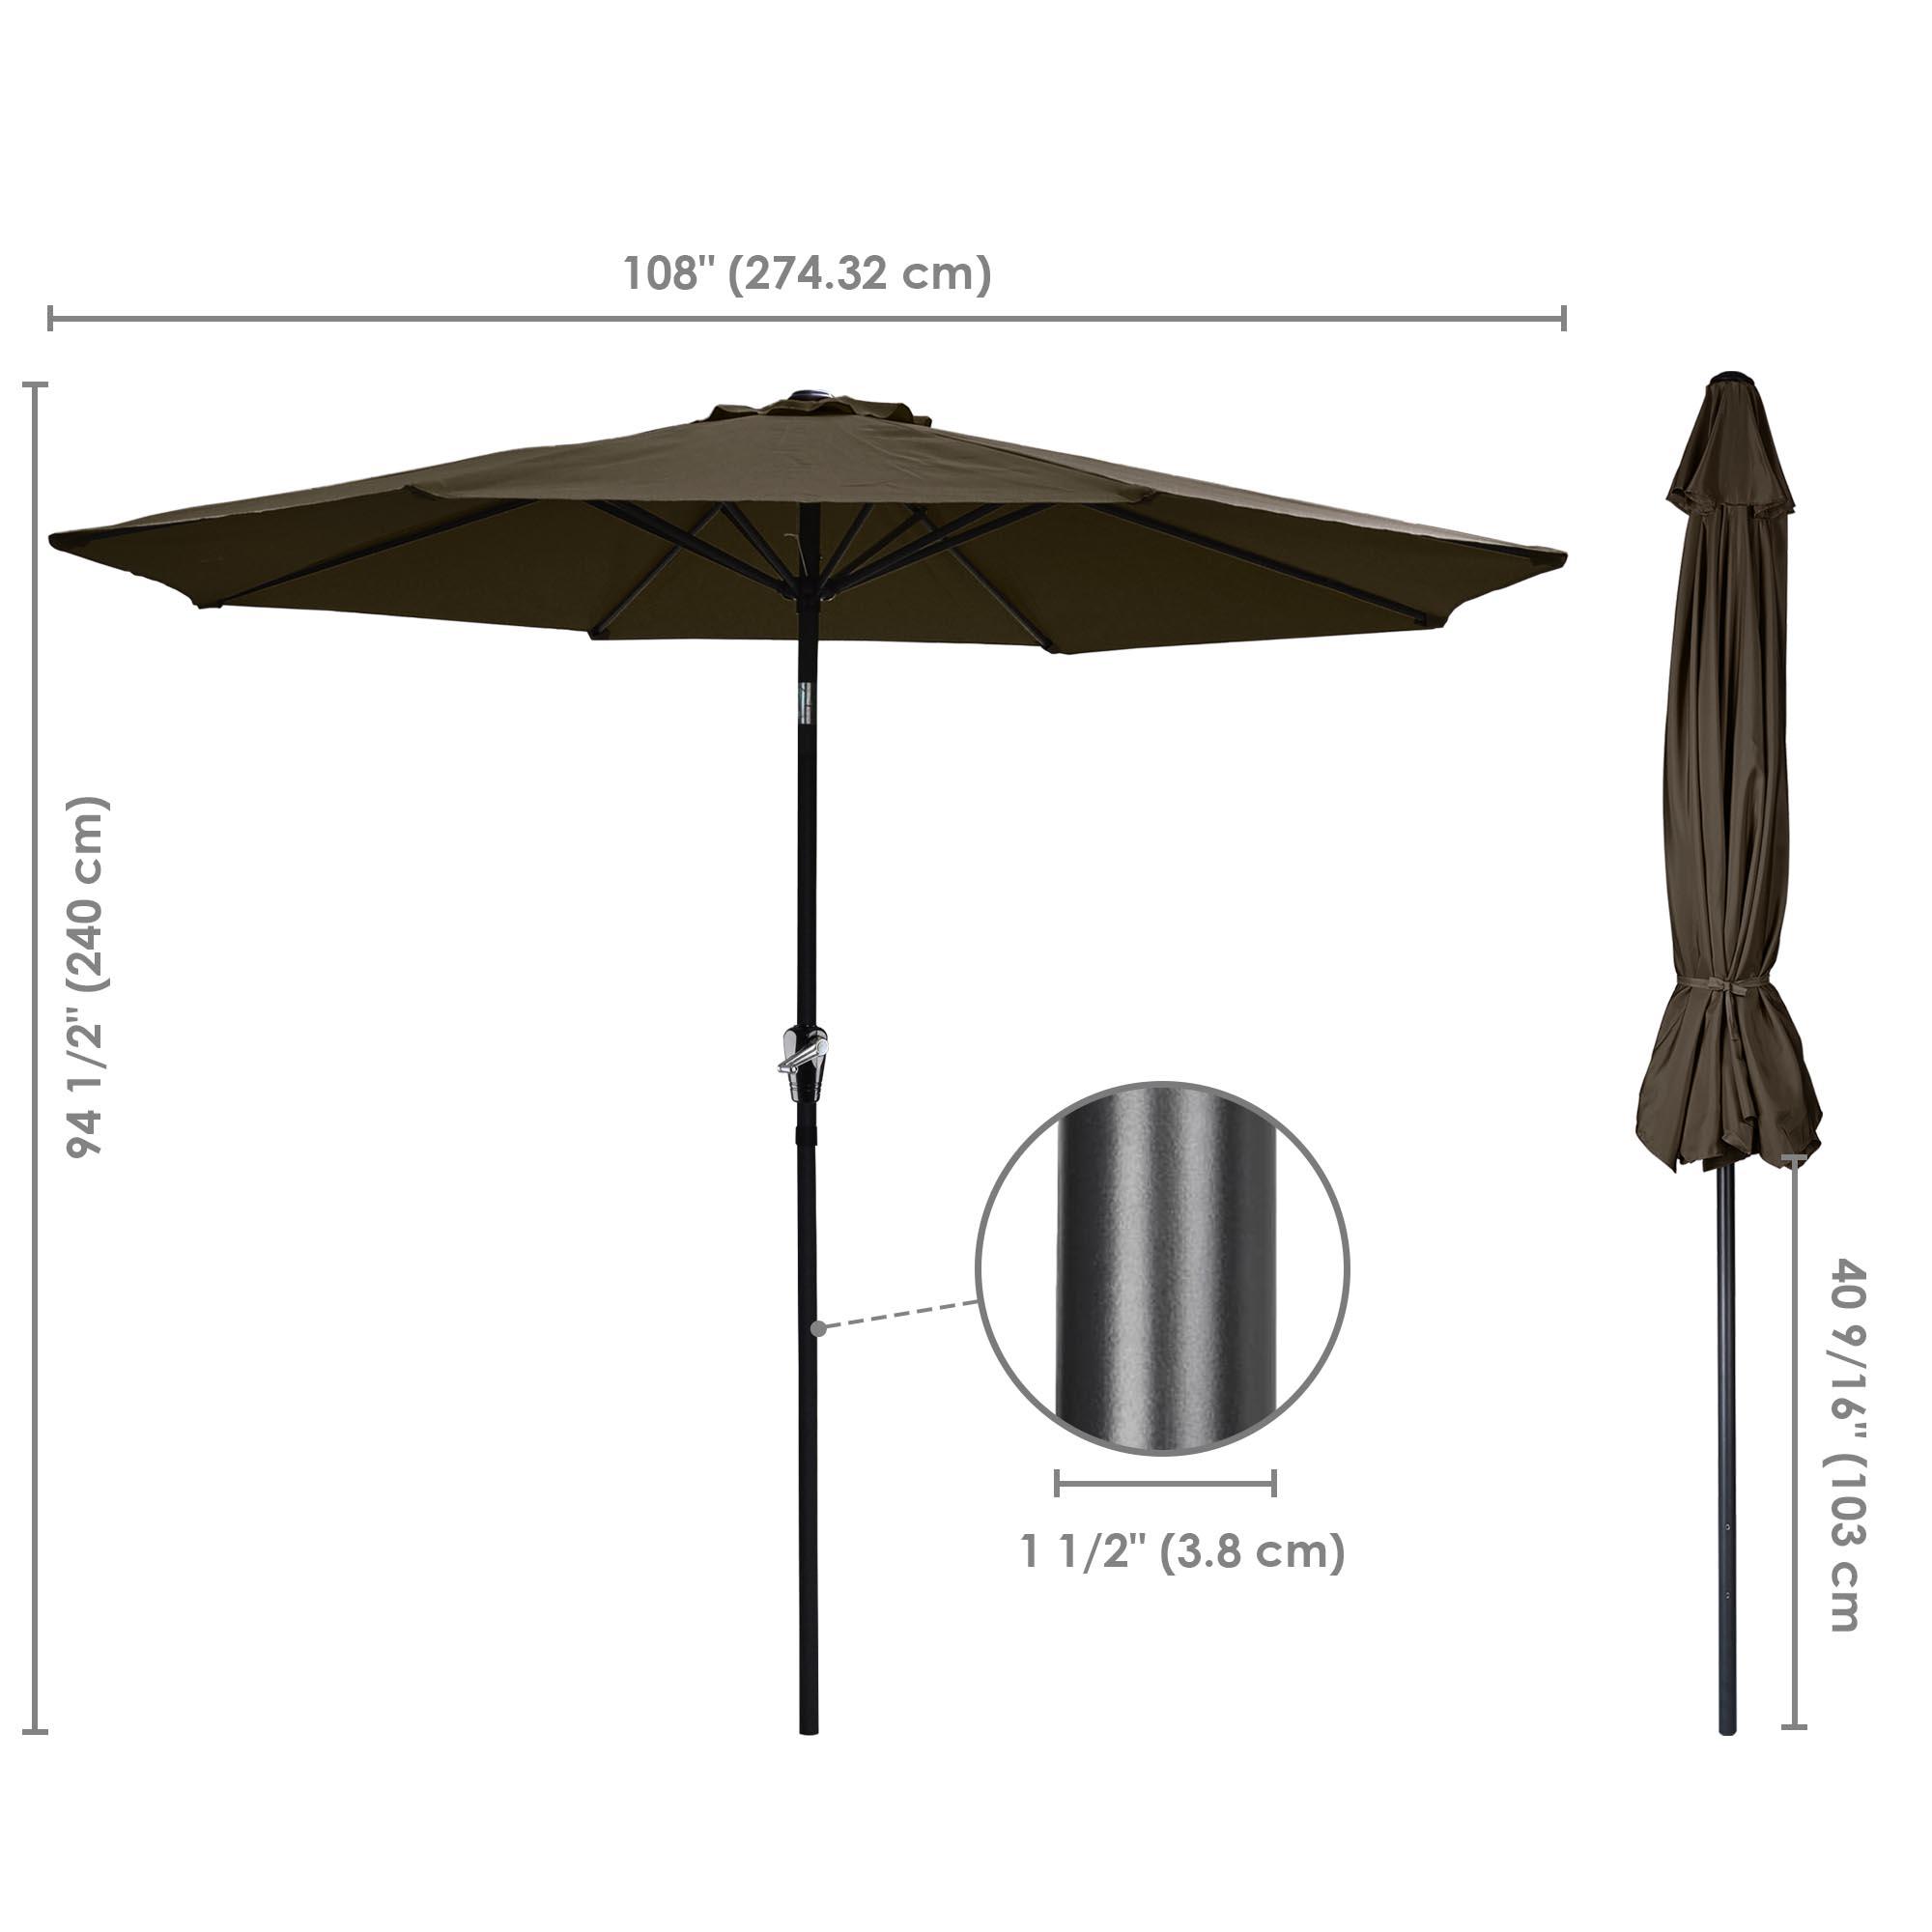 thumbnail 66 - 9' Outdoor Umbrella Patio 8 Ribs Market Garden Crank Tilt Beach Sunshade Parasol